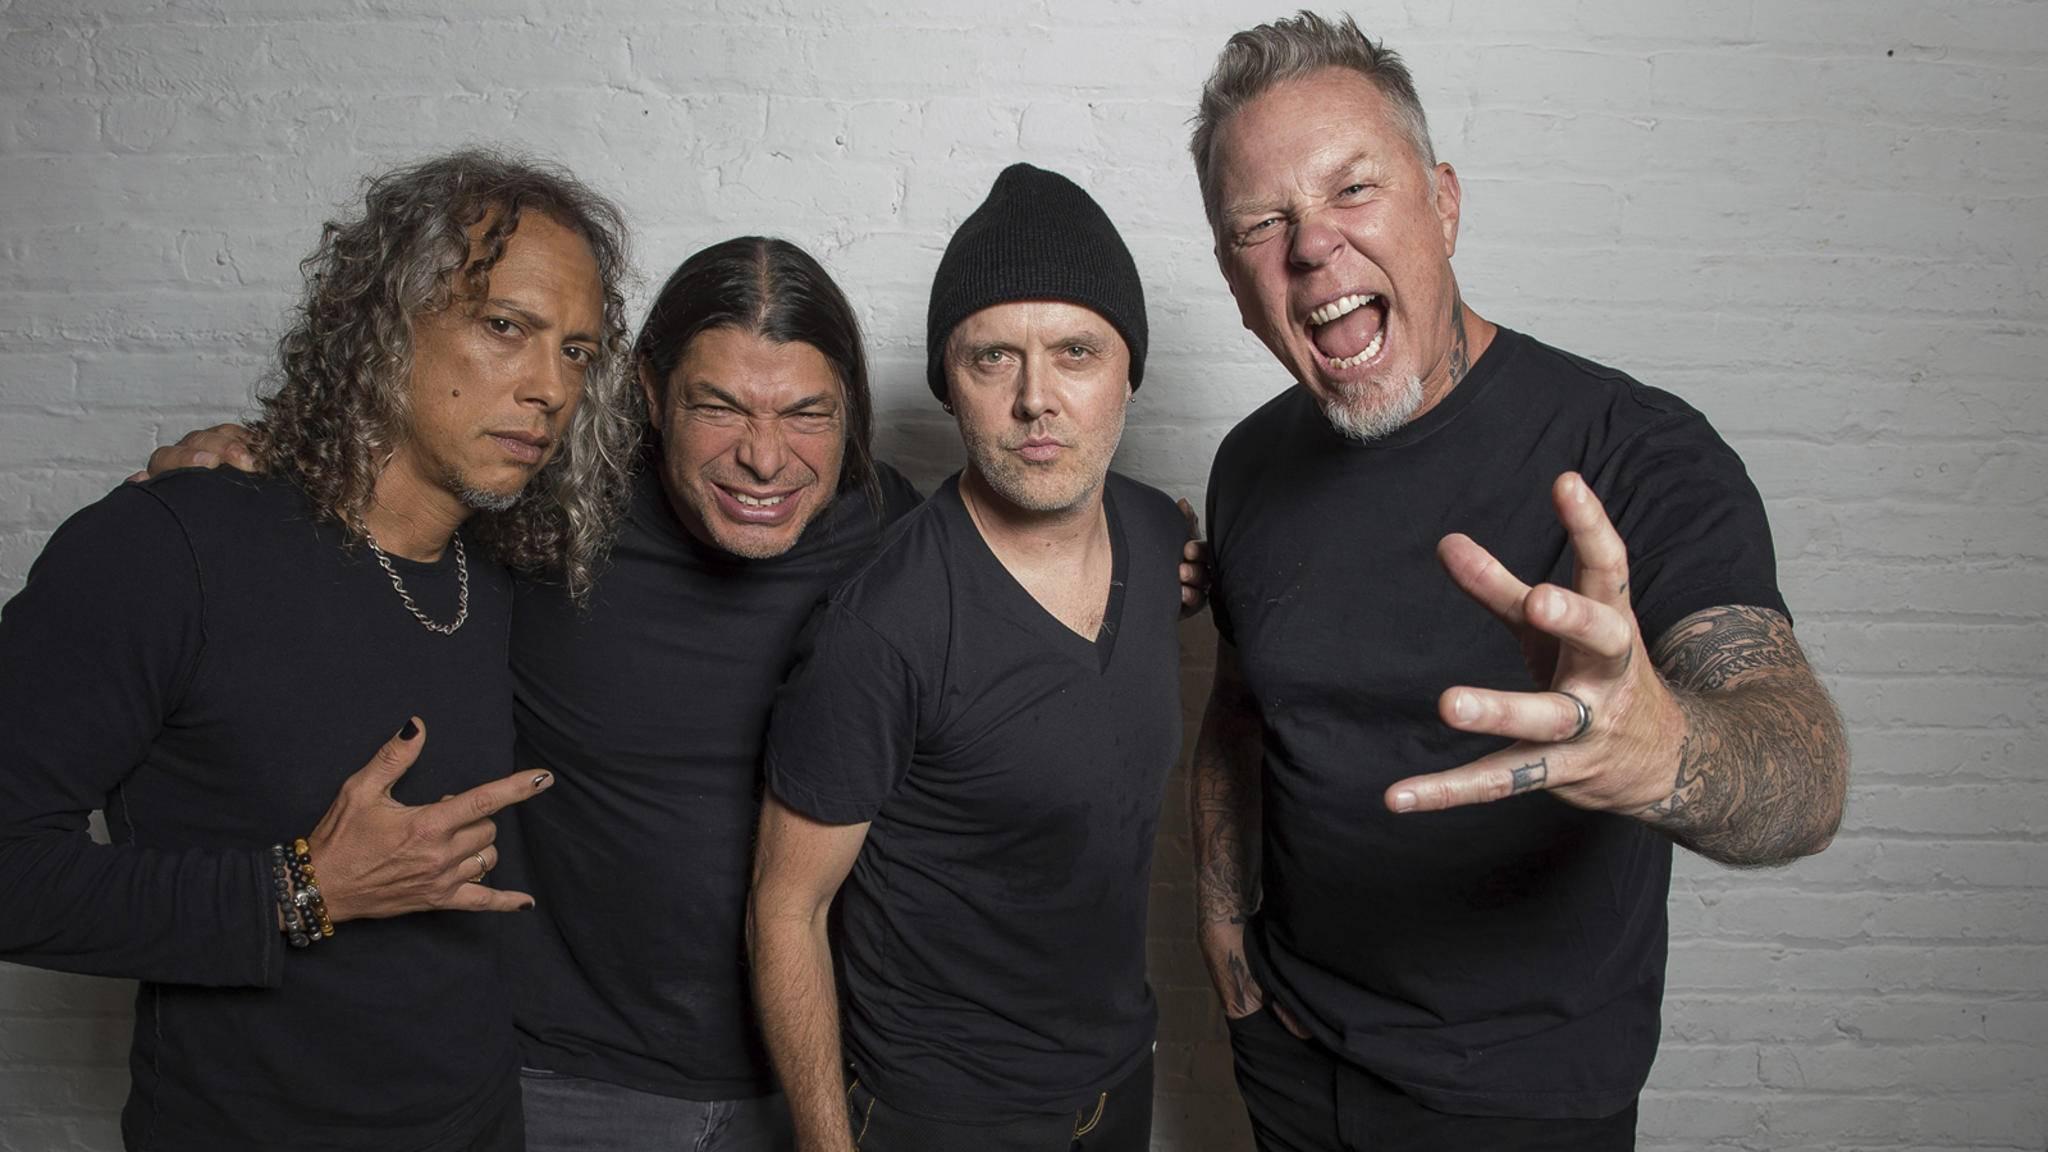 Wenn es um die besten Heavy-Metal-Alben geht, dürfen die Altmeister Metallica natürlich nicht fehlen.